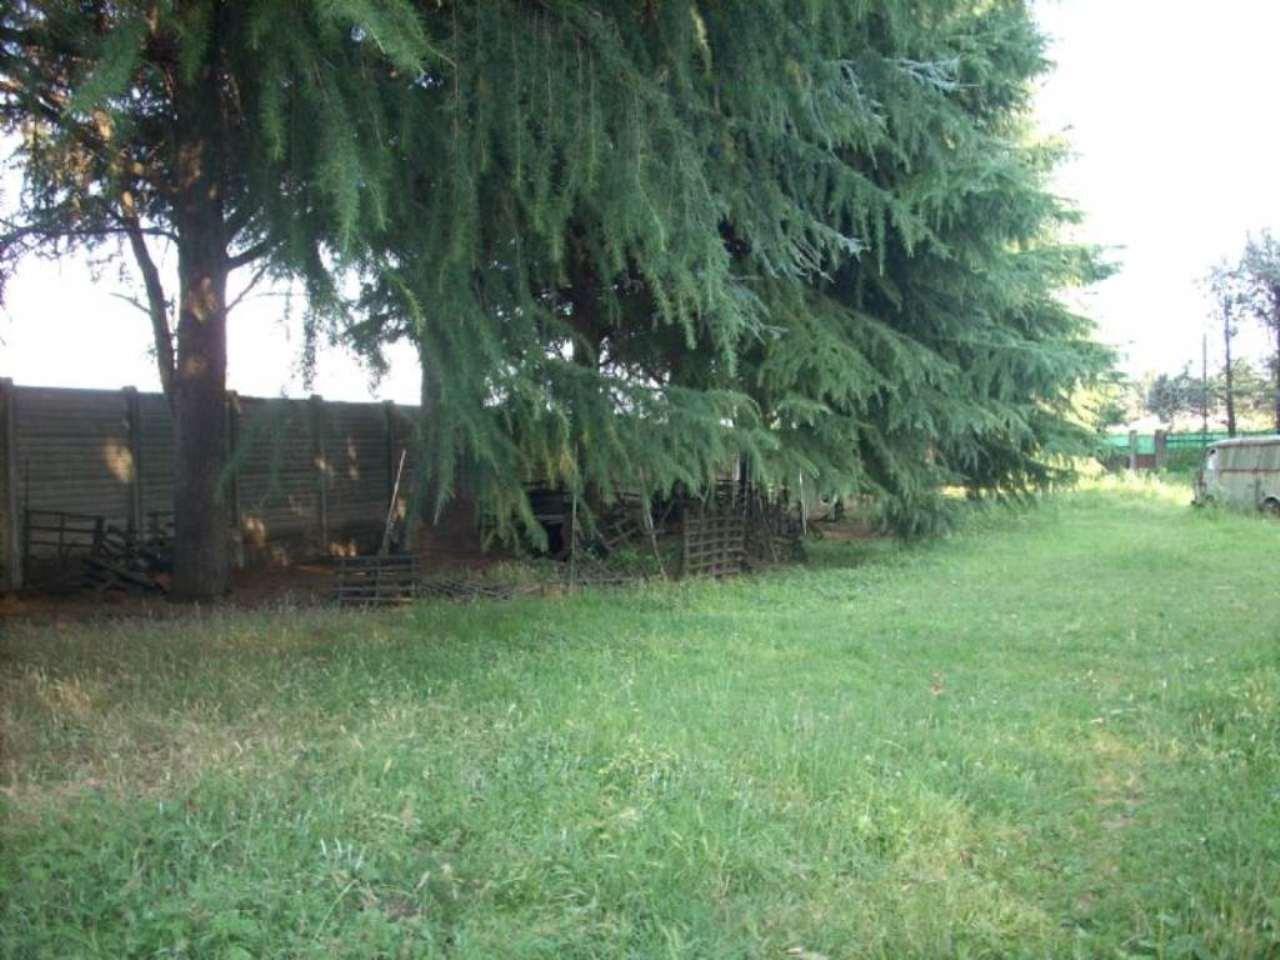 Terreno Agricolo in vendita a Arconate, 9999 locali, prezzo € 300.000 | CambioCasa.it